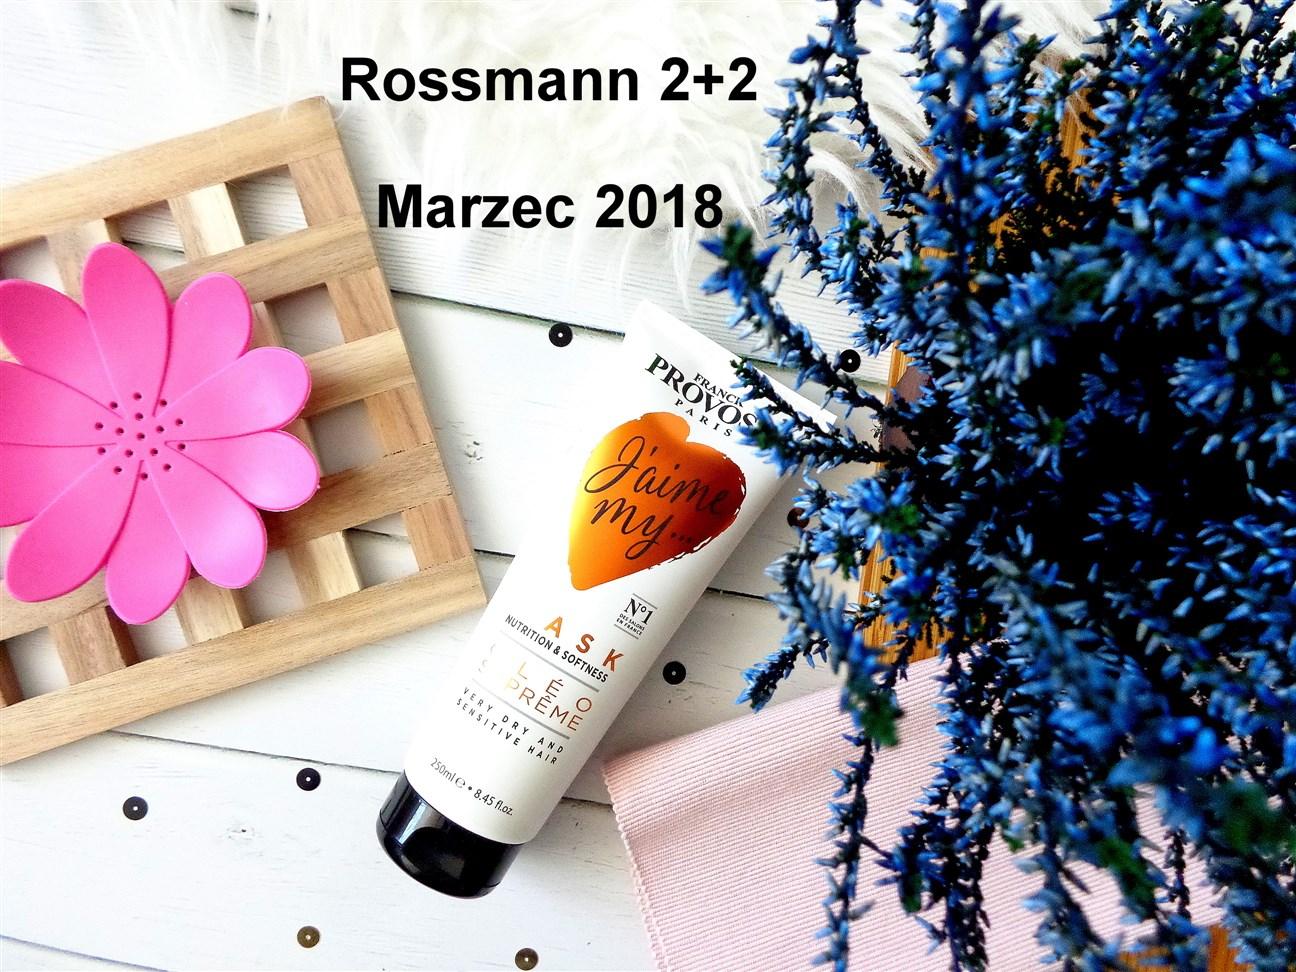 zdjęcie informujące o promocji w Rossmannie 2+2 na produkty do włosów w marcu 2018